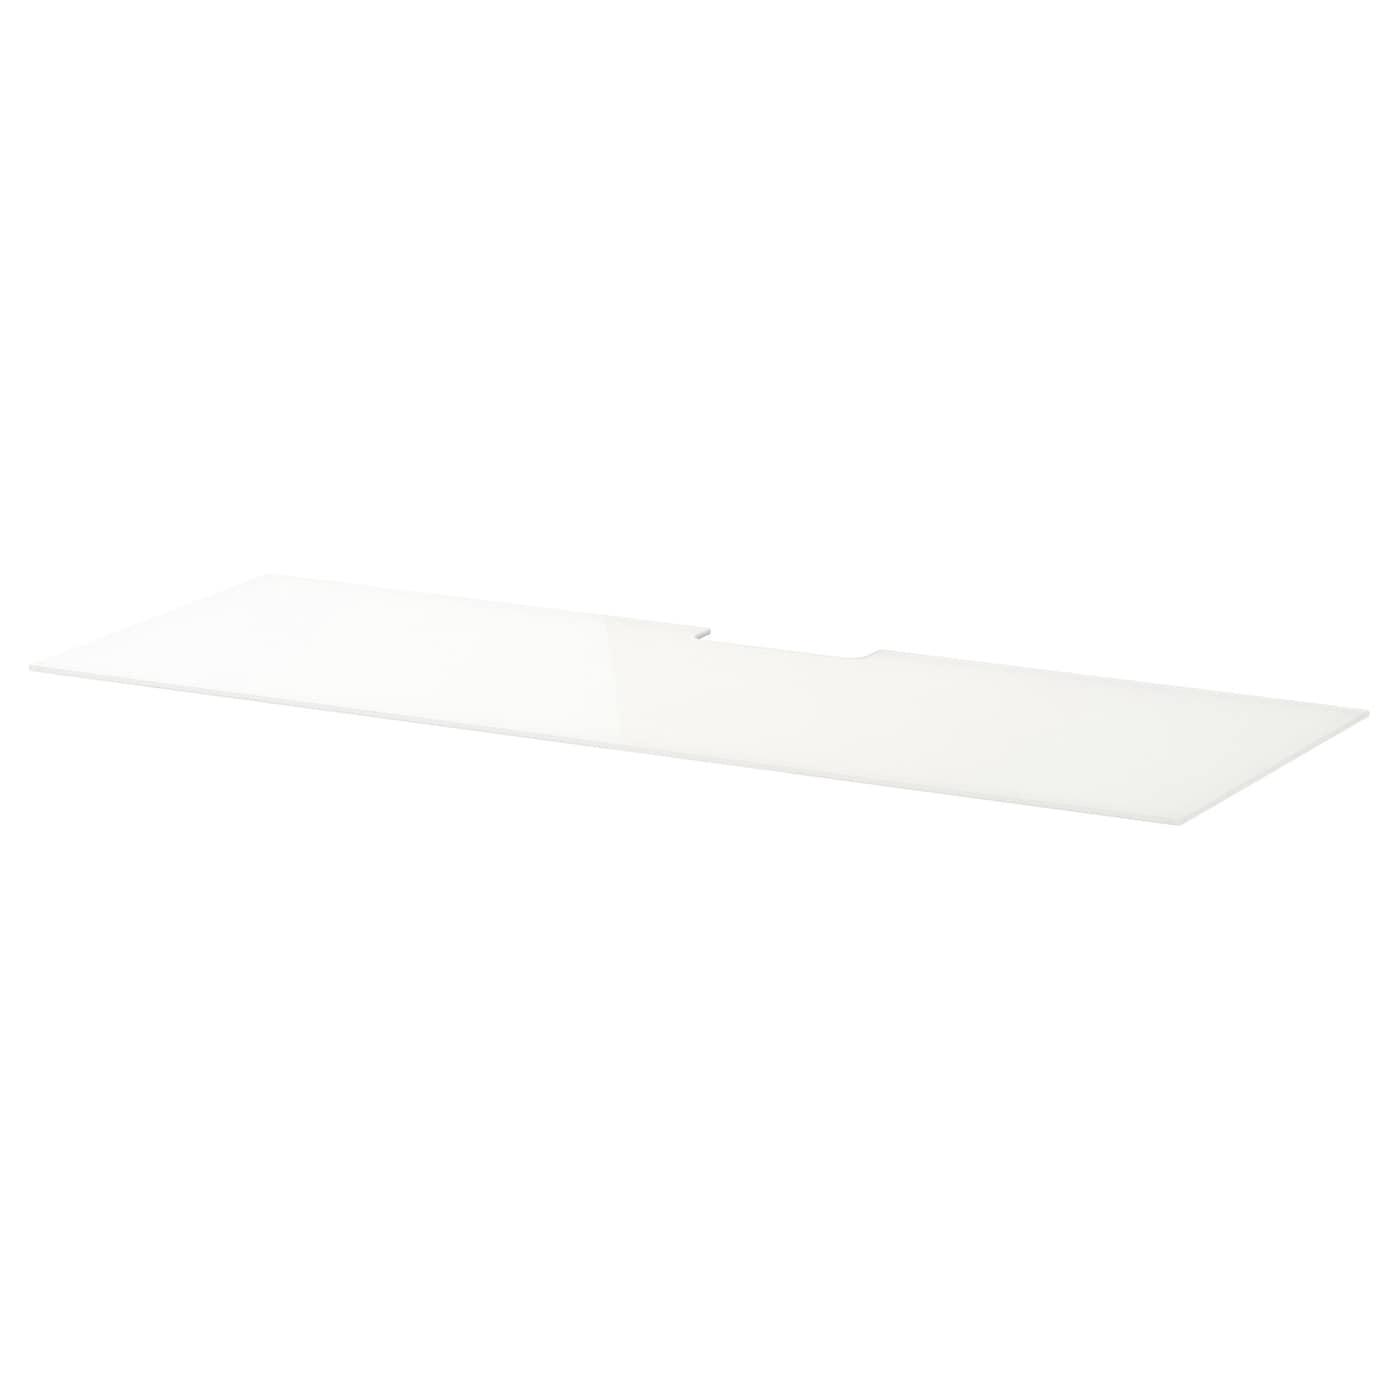 best combinaison rangt tv vitrines blanc lappviken gris clair verre transparent 240x40x128 cm. Black Bedroom Furniture Sets. Home Design Ideas